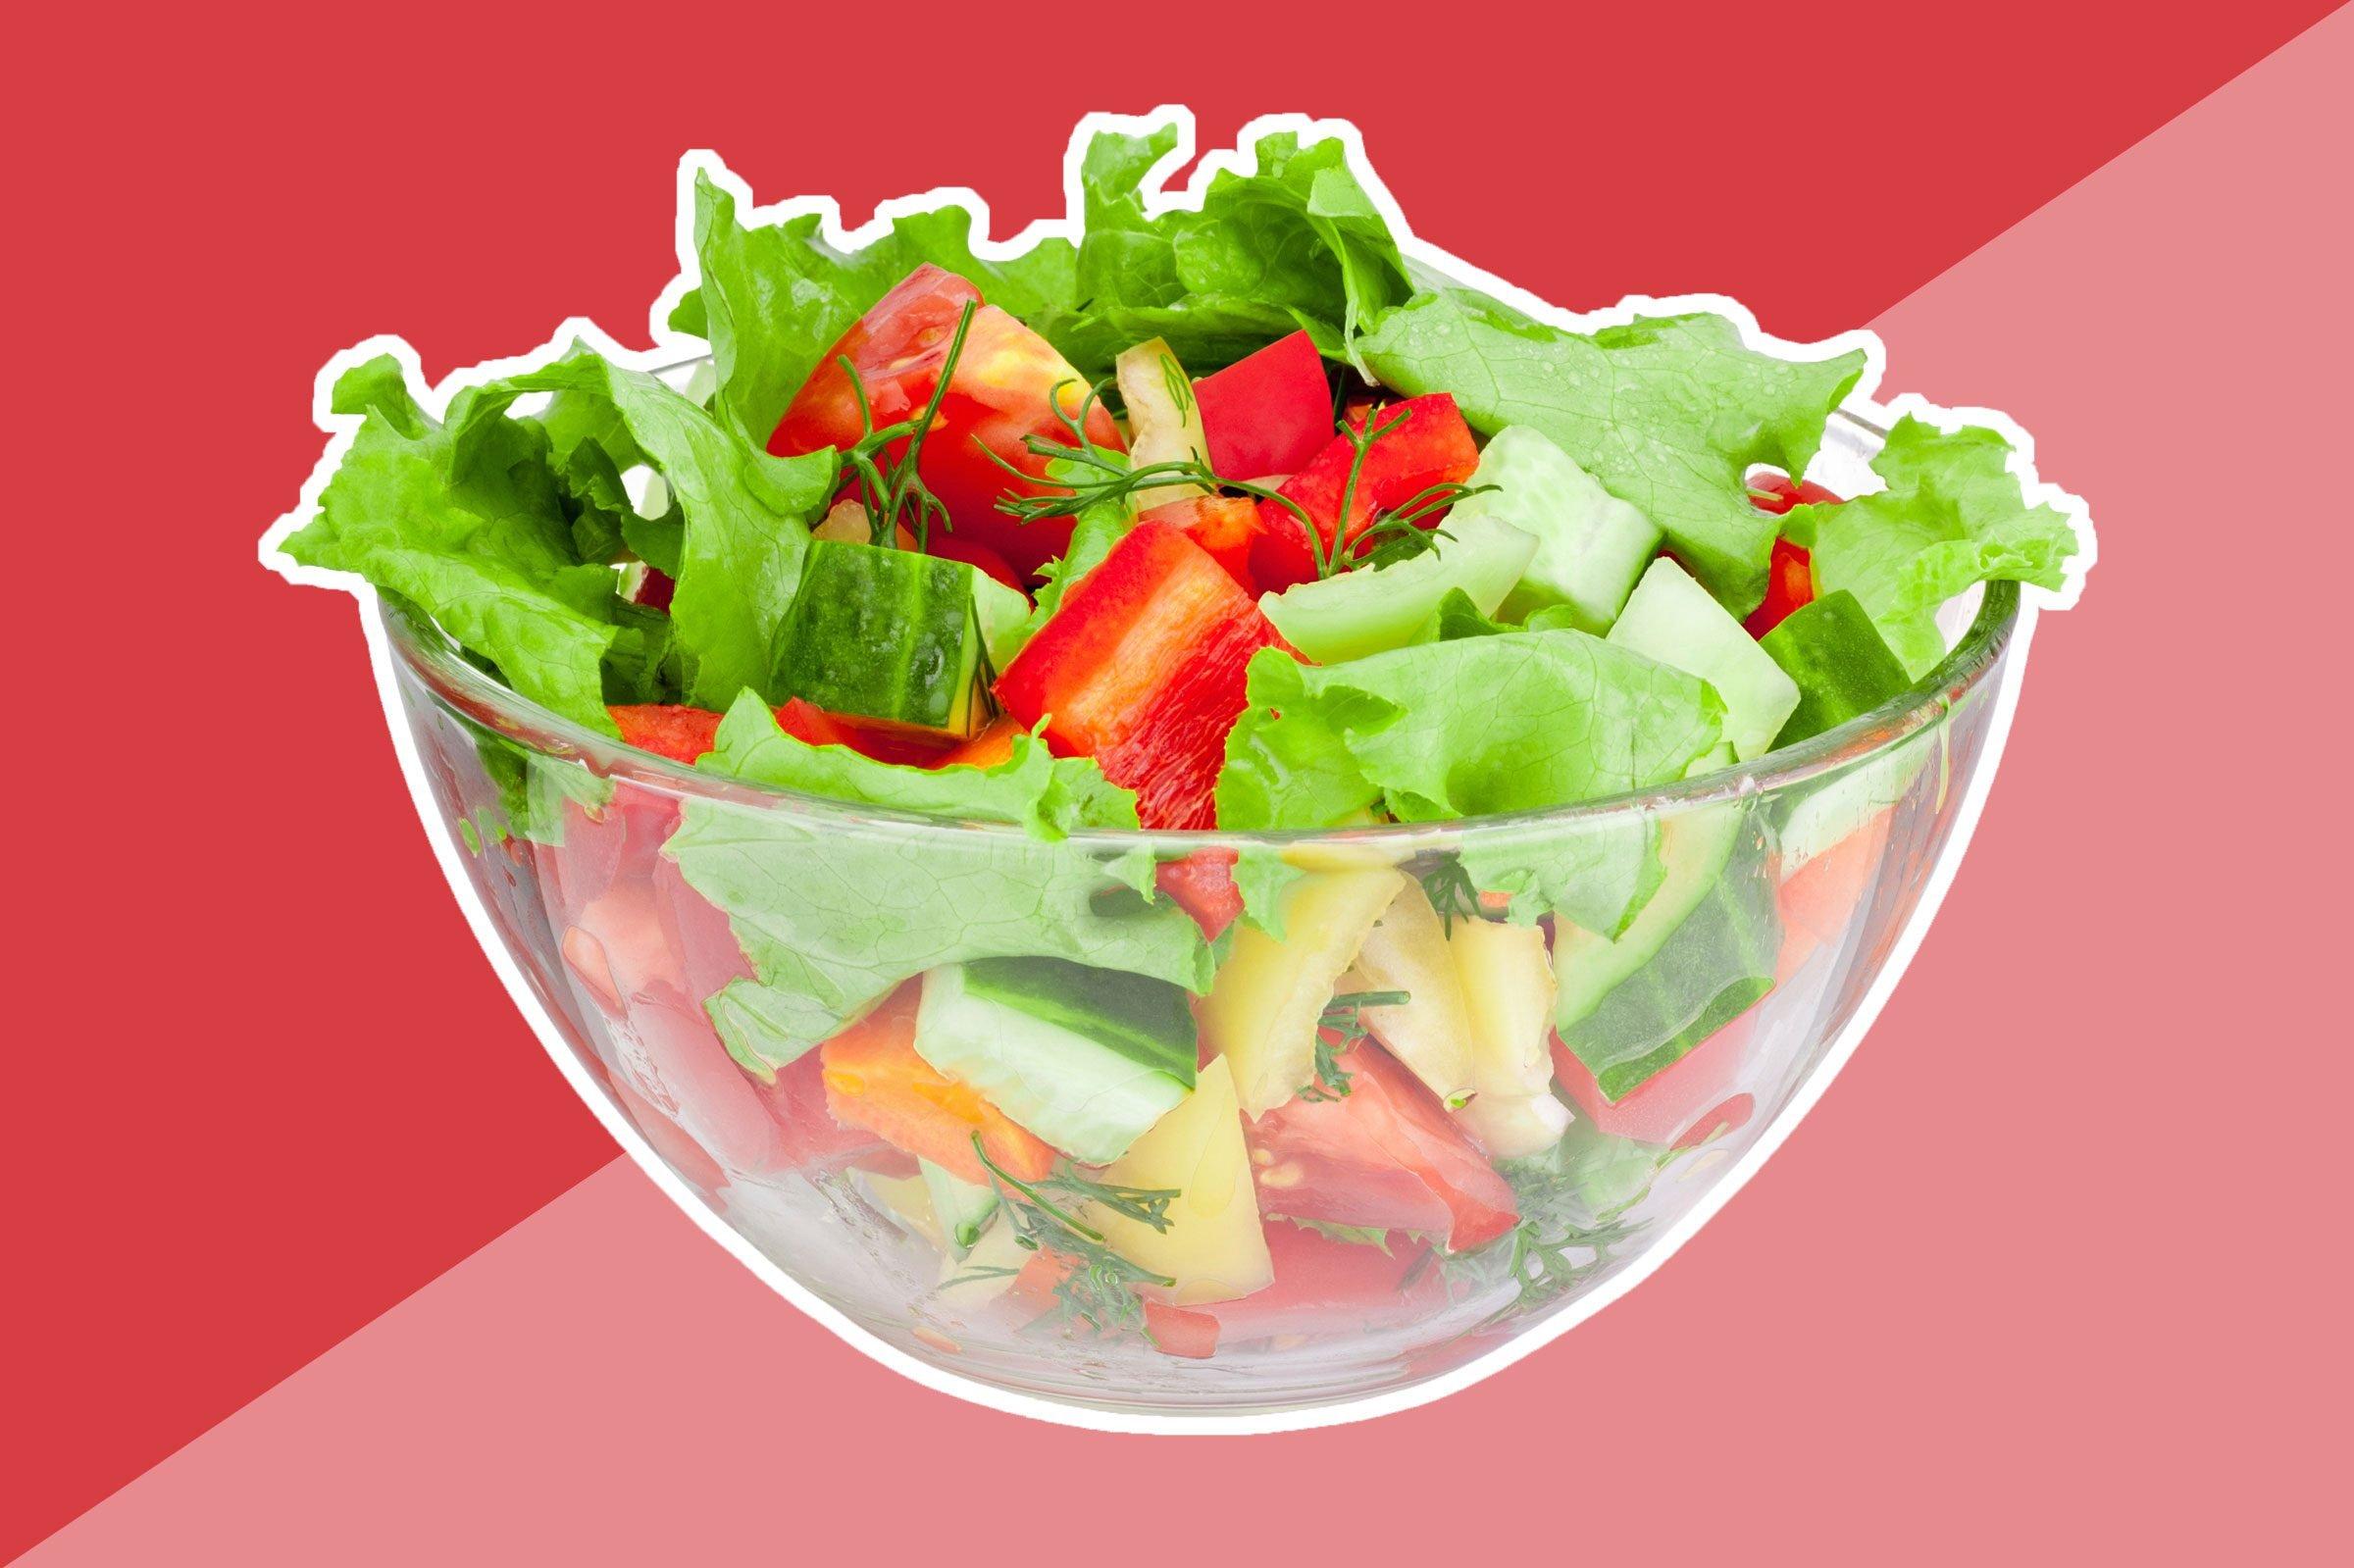 Salad kits